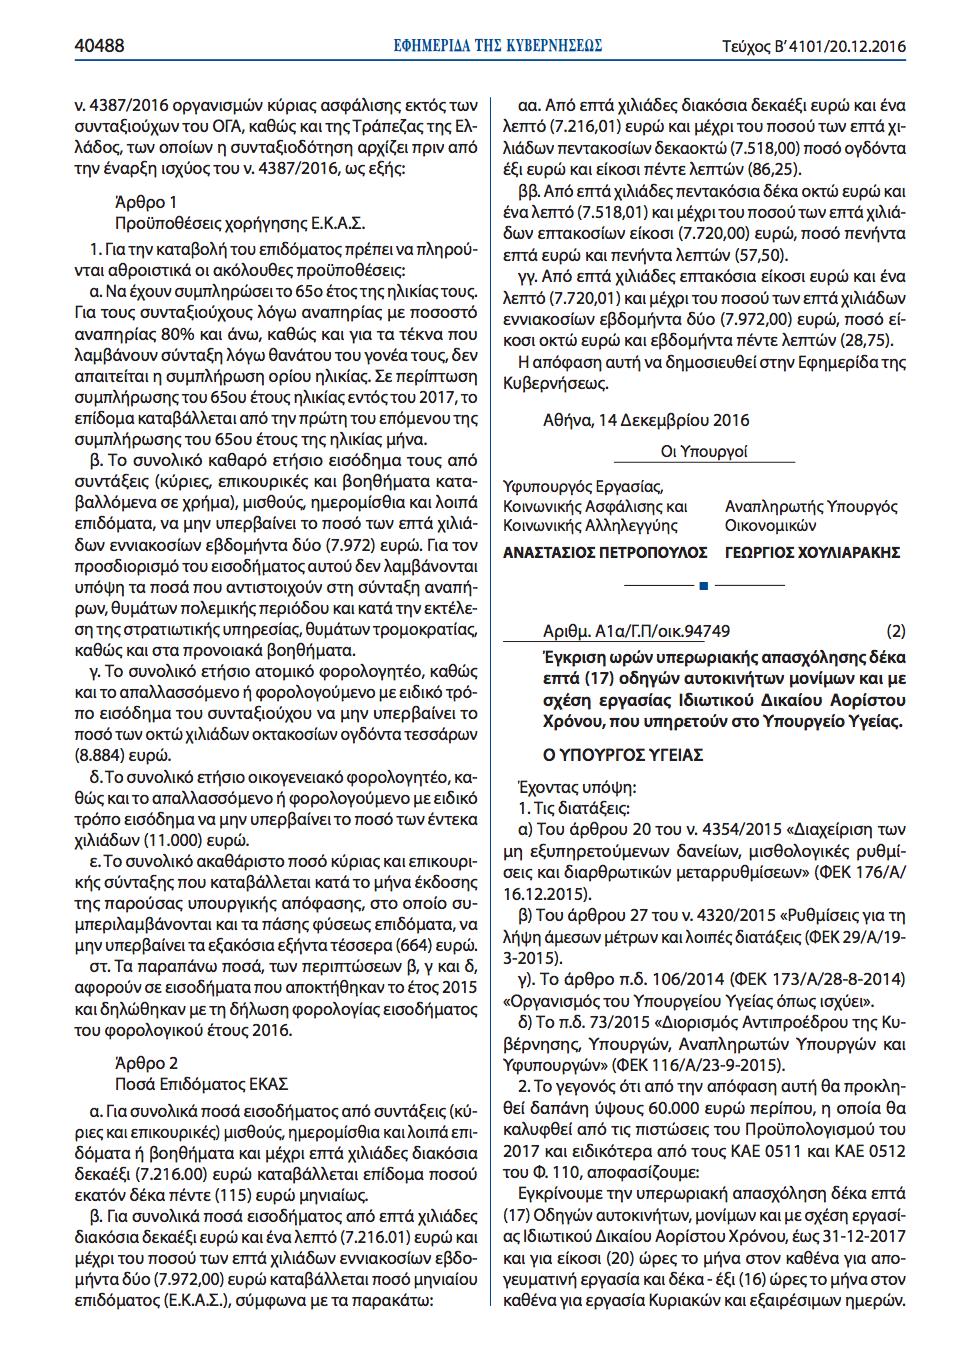 meiomeno-kata-50-to-ekas-stoys-dikaioychoys1